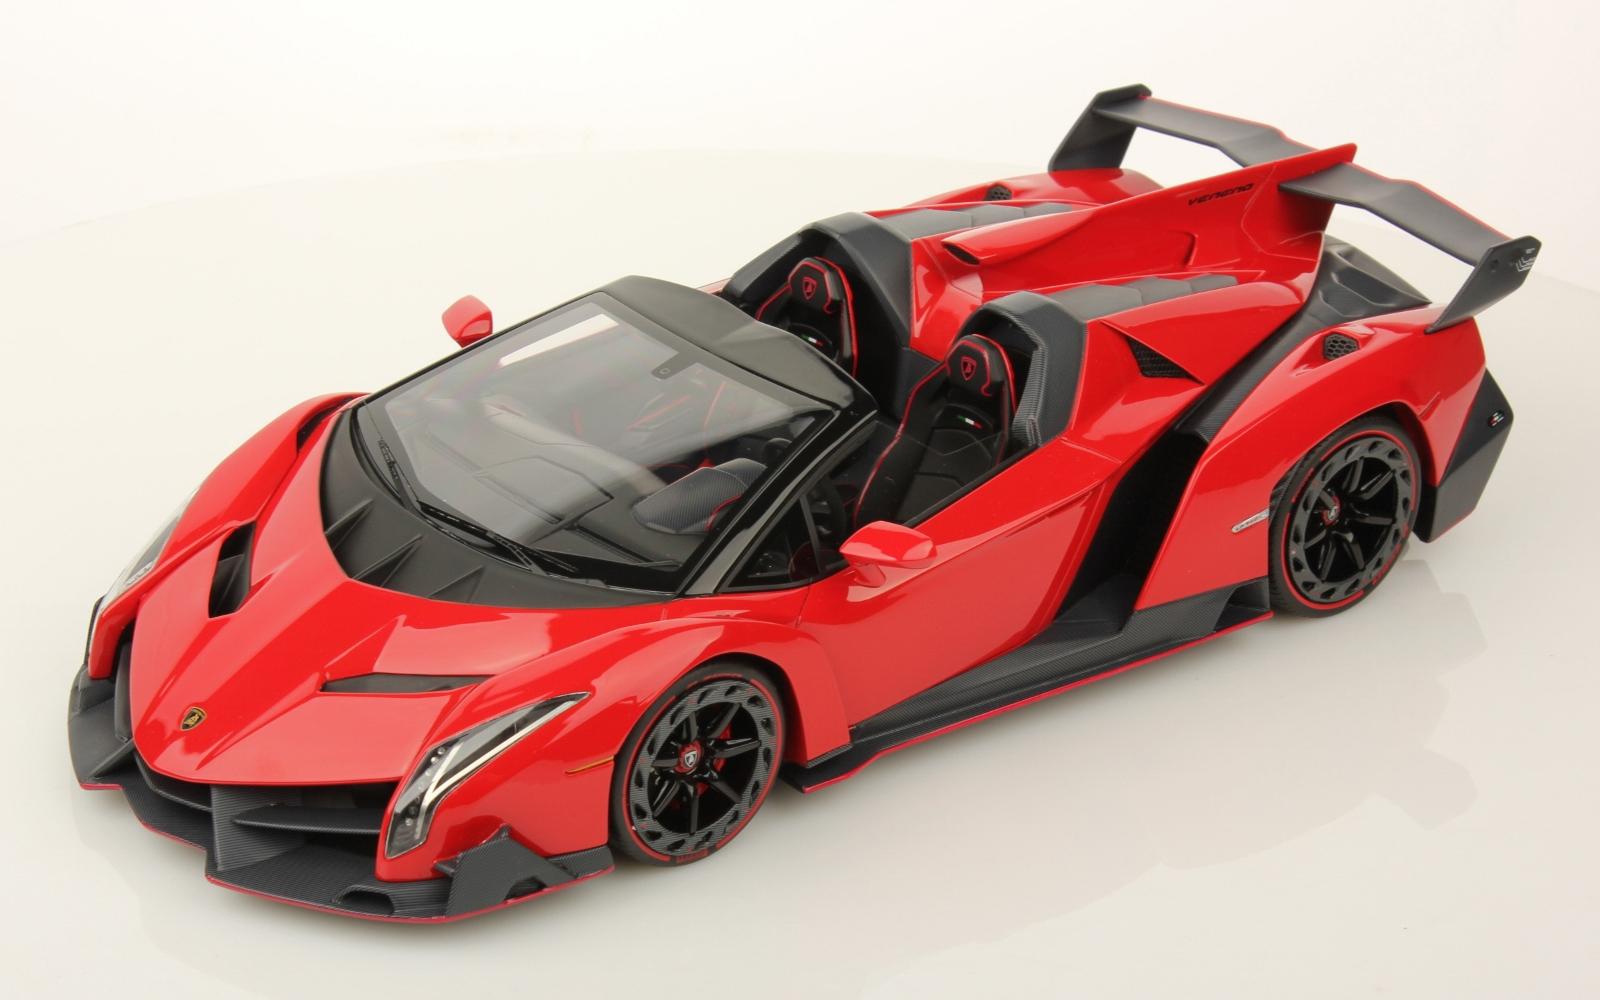 mr collection lamborghini veneno roadster 118 rosso mars - Red Lamborghini Veneno Wallpaper